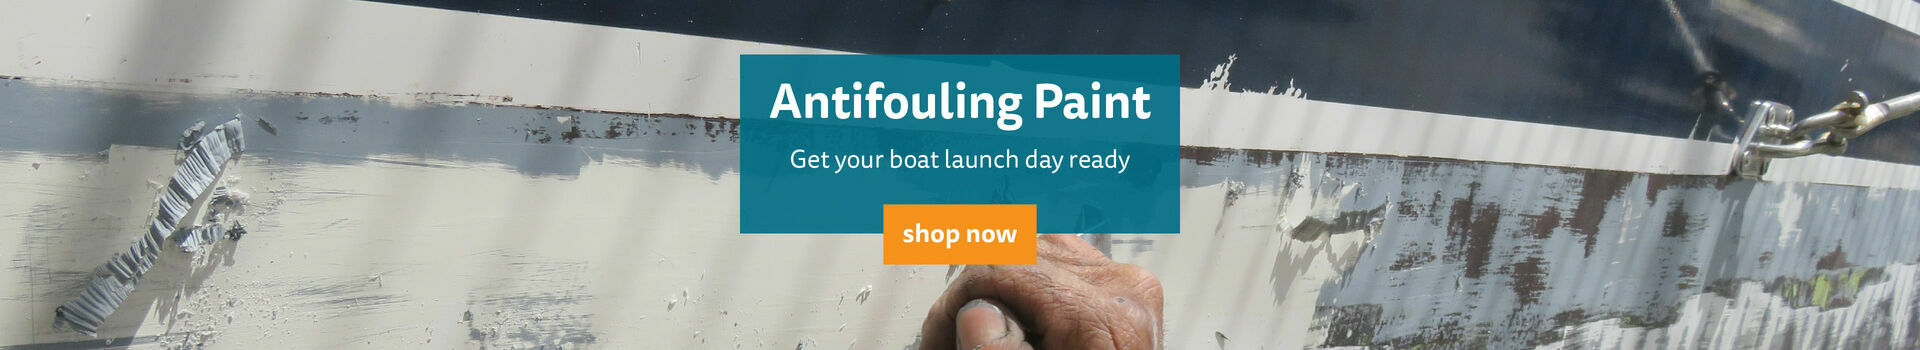 Shop Our Antifouling Paint Range